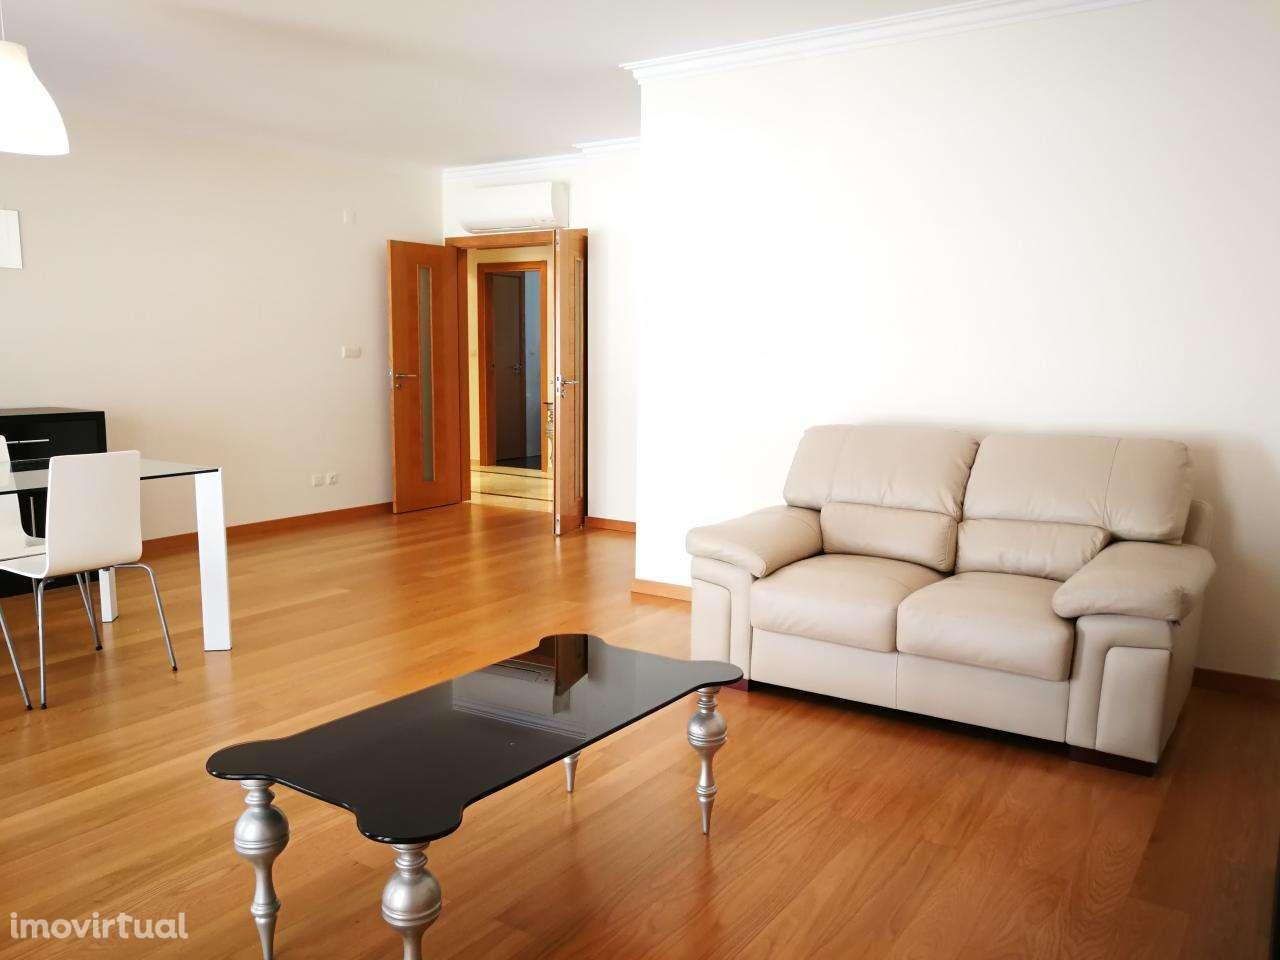 Apartamento para comprar, Olivais, Lisboa - Foto 2